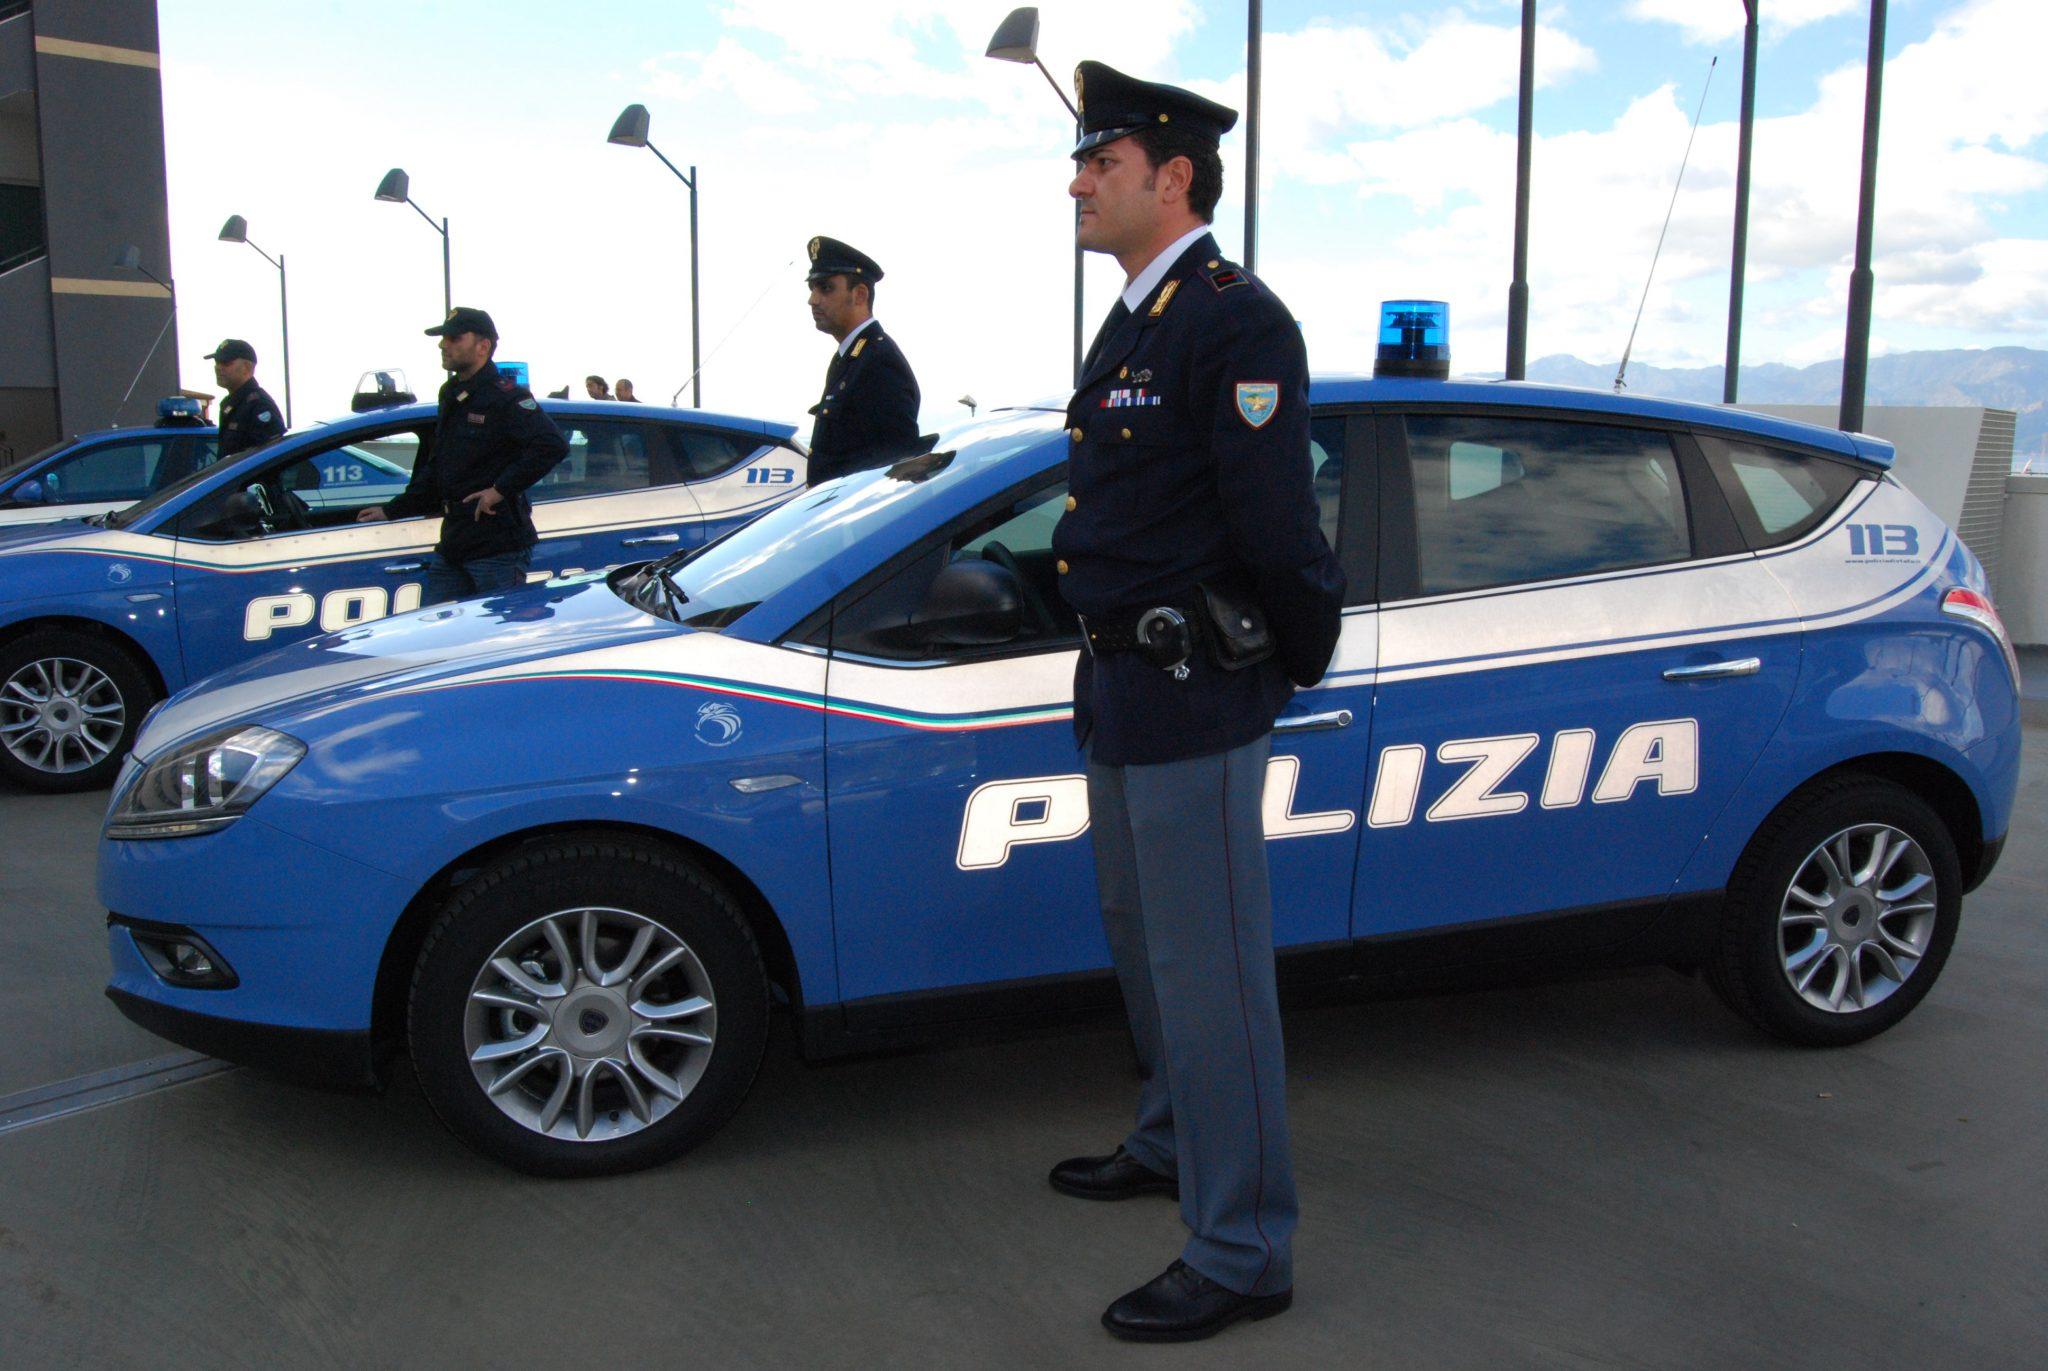 Polizia di Stato Concorso per 1000 Agenti anche con la